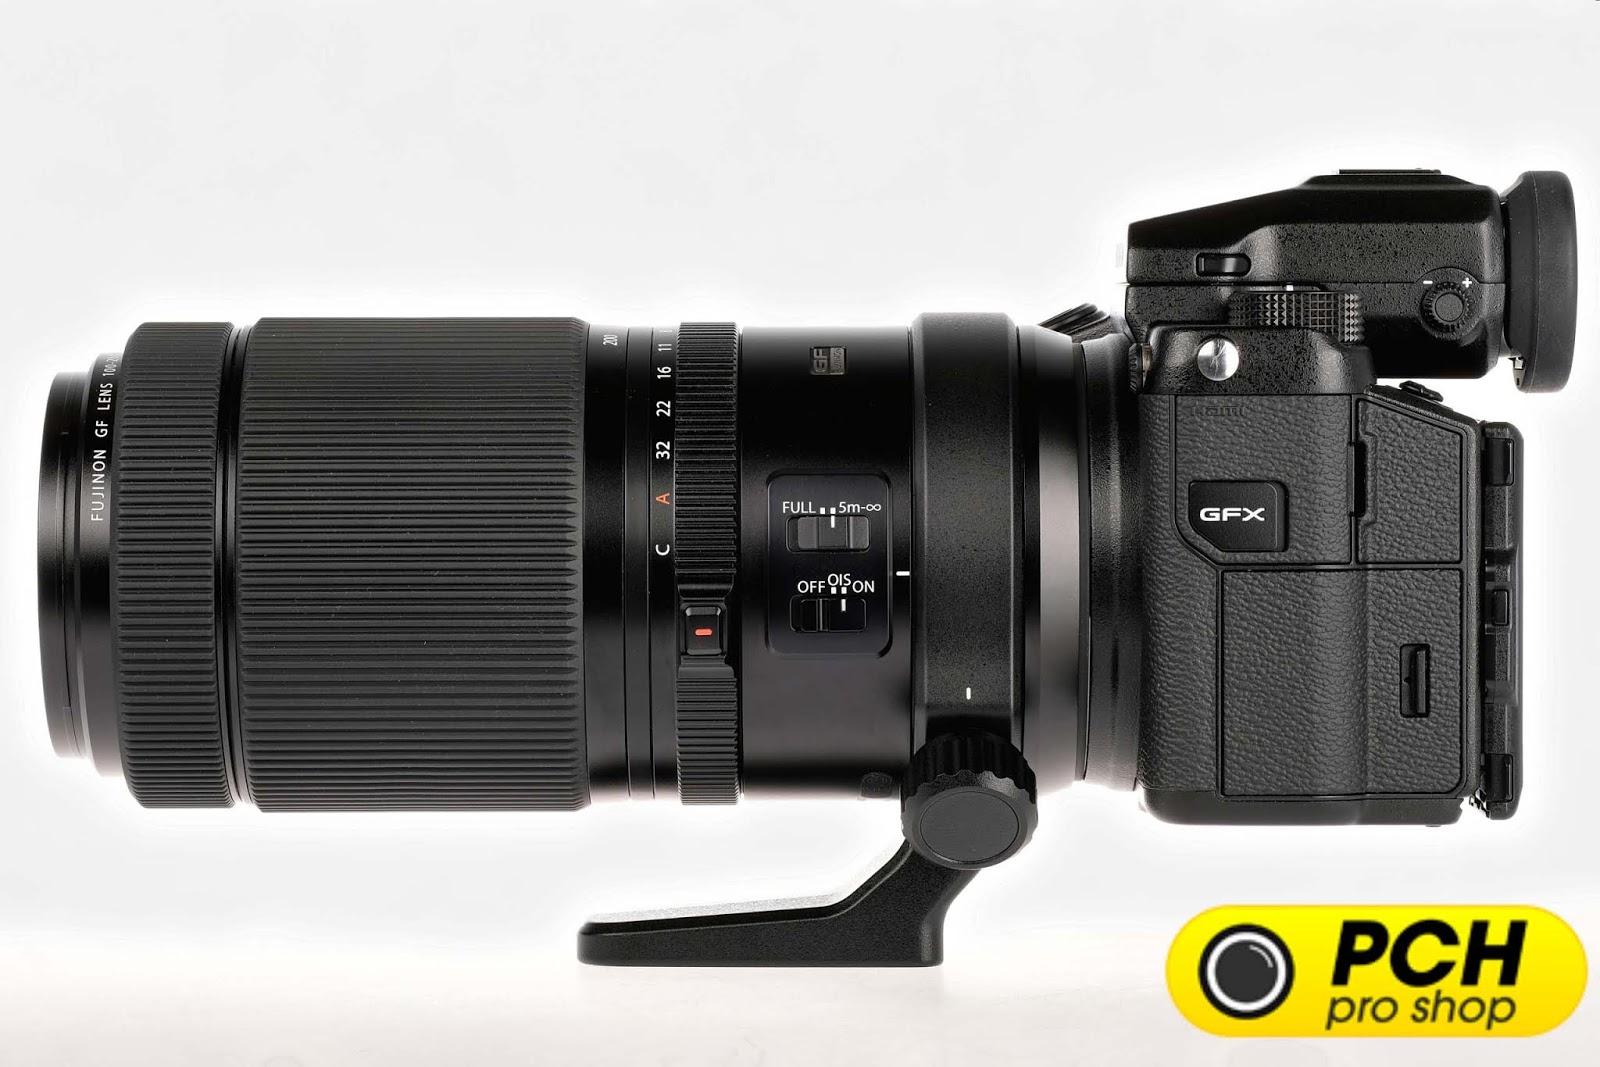 Объектив Fujinon GF 100-200mm f/5.6 R LM OIS WR с камерой Fujifilm GFX 50S, вид сбоку